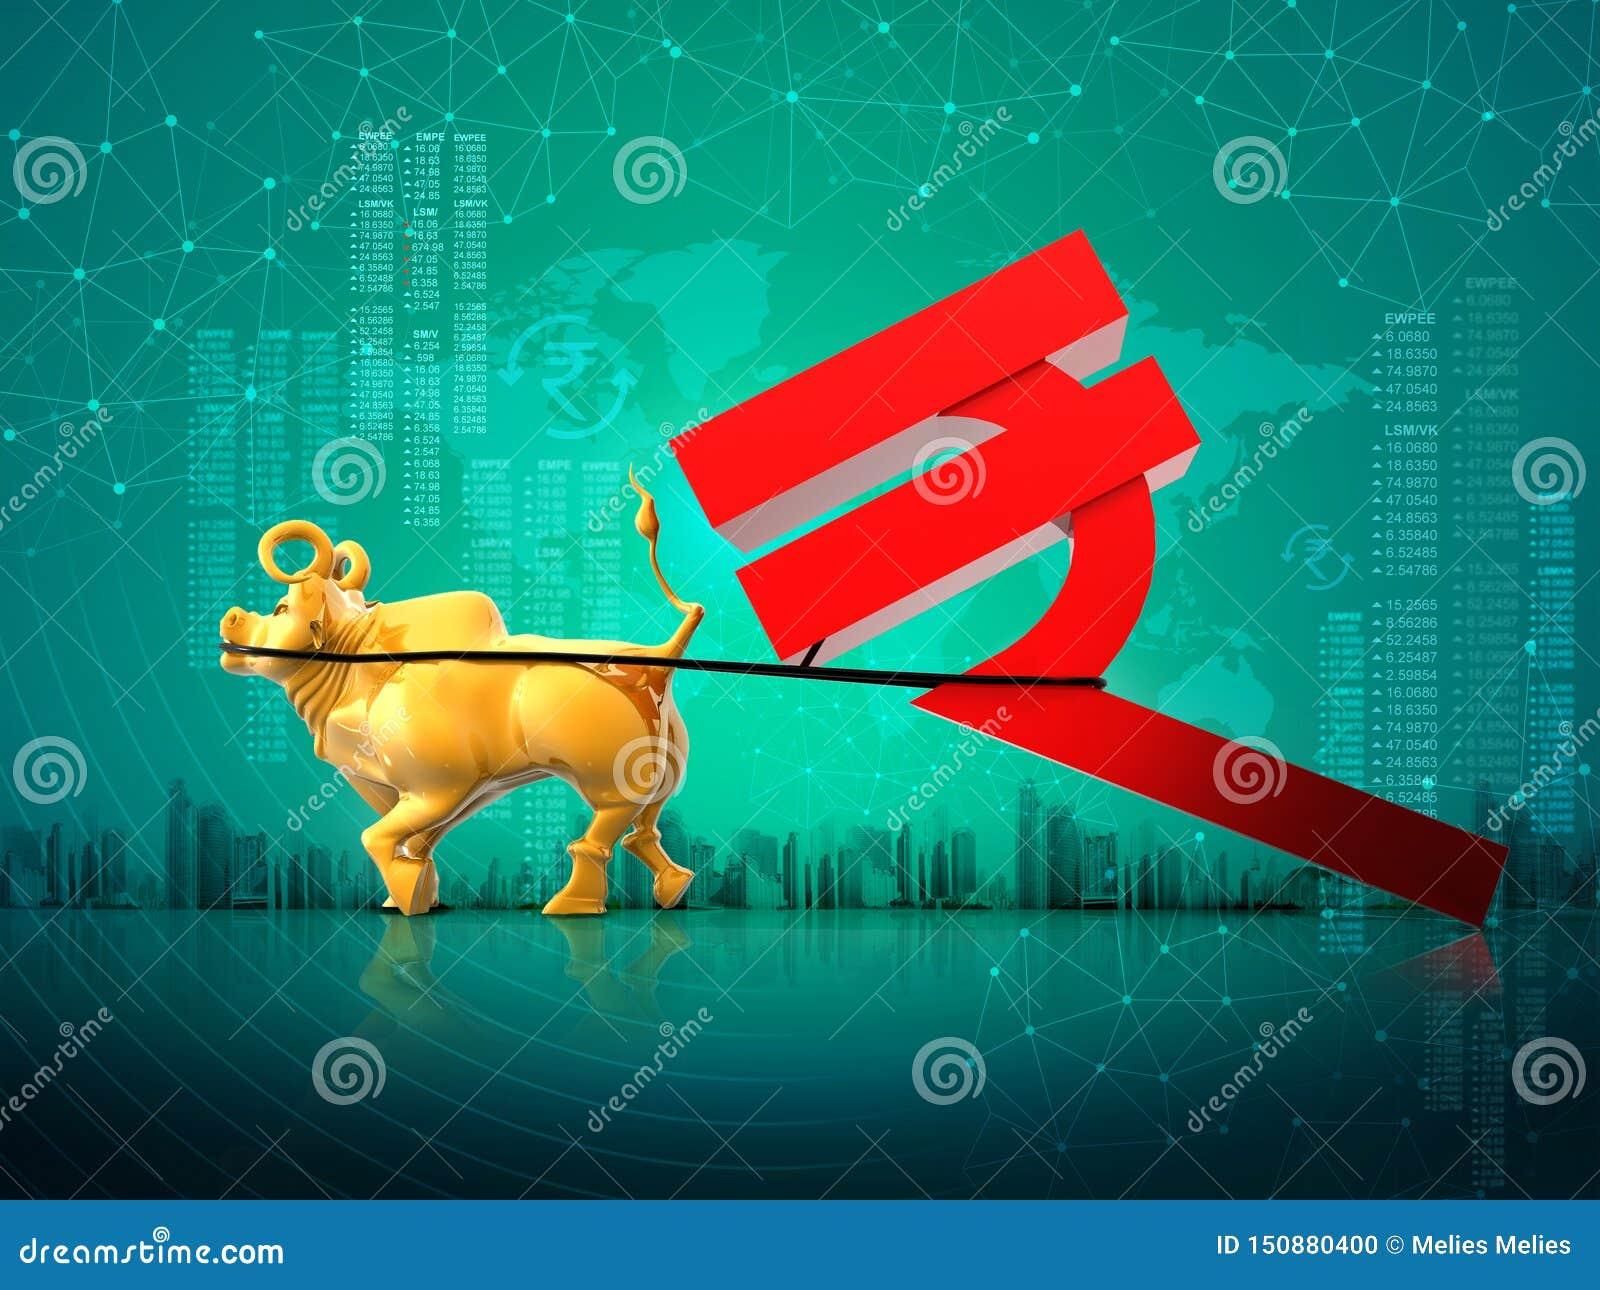 财政企业成长成功概念,扯拽印度卢比标志,3D翻译摘要背景的金黄公牛